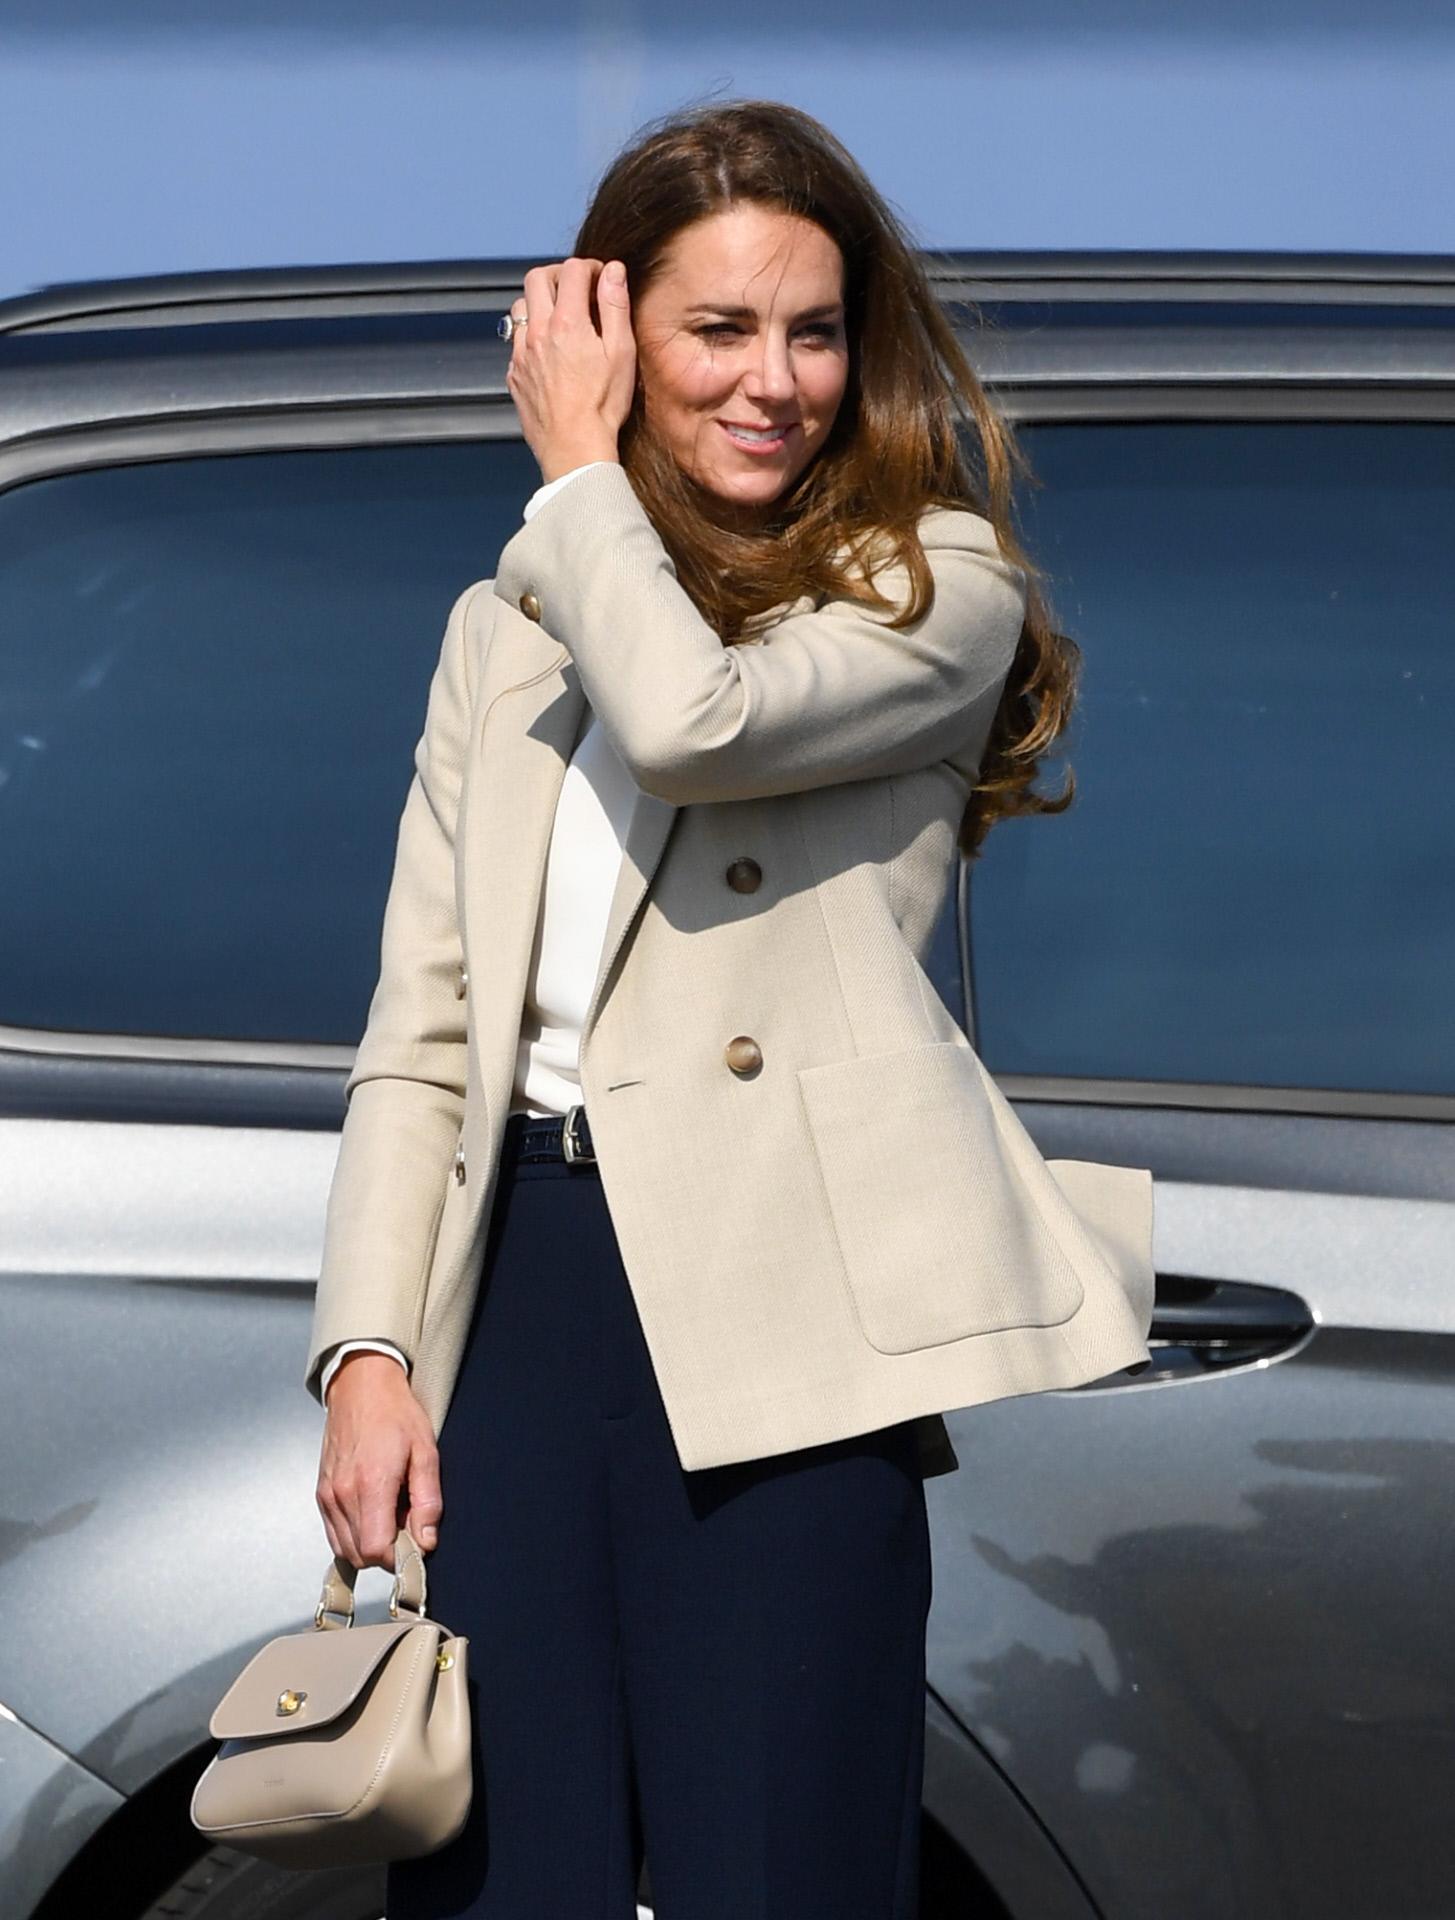 Haz como Kate Middleton, cuando elijas un look masculino, contraresta su estética con un look de belleza muy femenino. Ella elige la melena suelta perfectos con unos pendientes de aro, pero también puedes optar por unaos labios marcados.